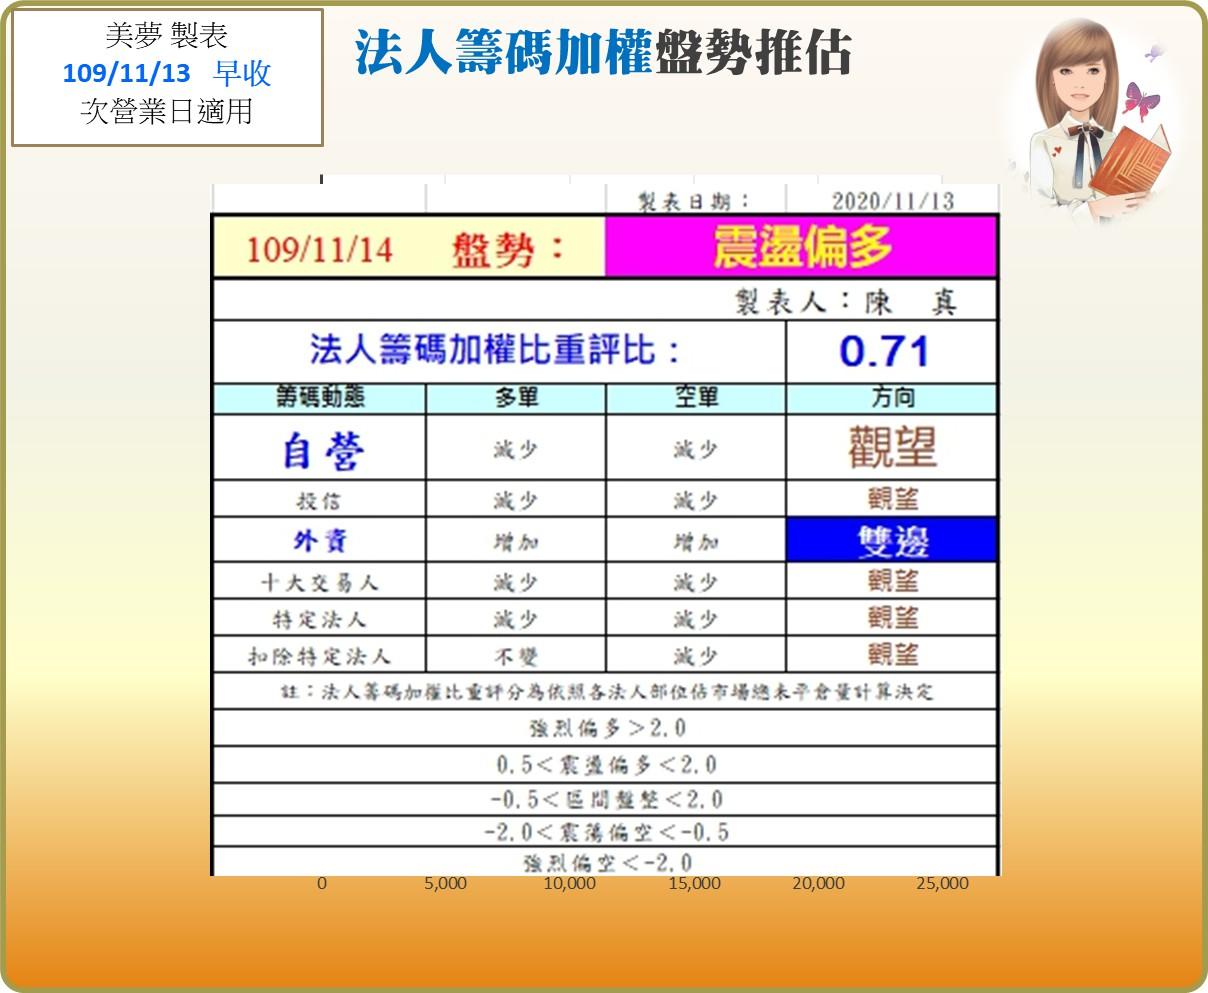 1091116美夢冠軍-股市_10